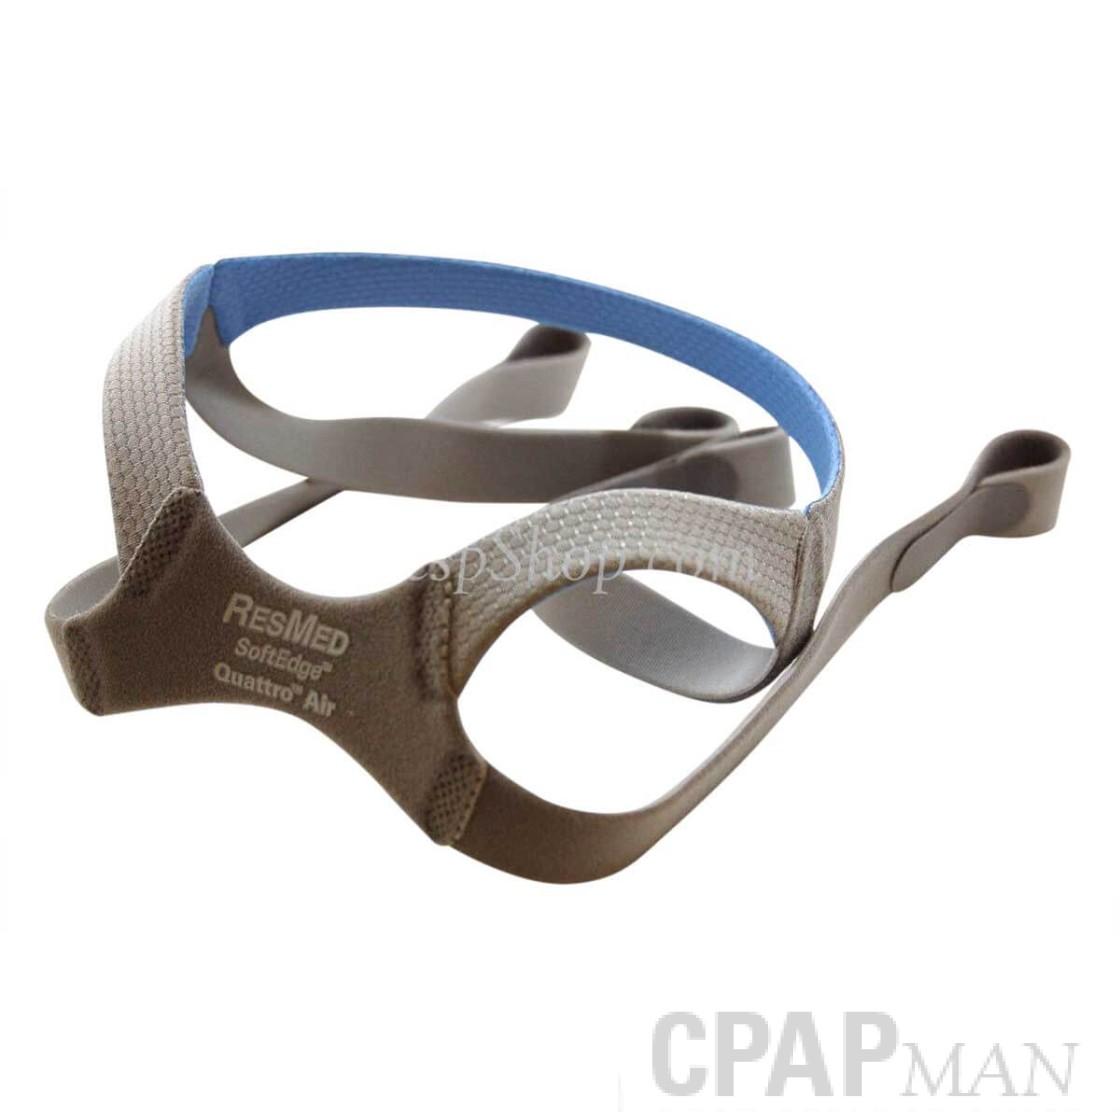 Quattro Air Full Face Mask Headgear